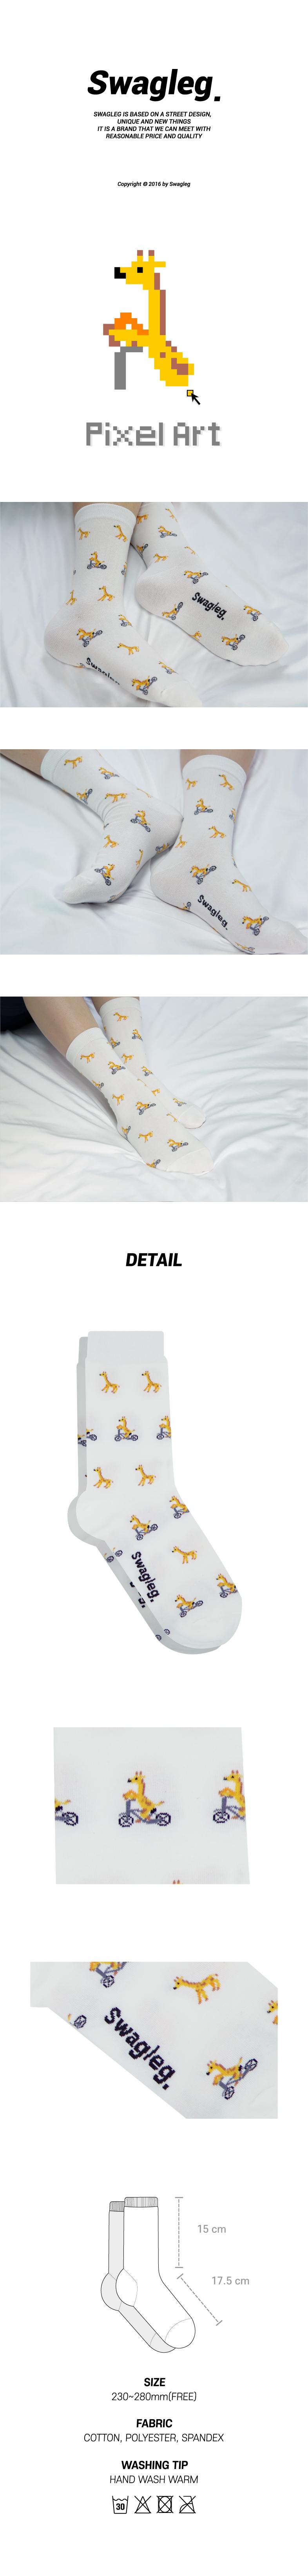 소풍가는 기린이 - 스웨그레그, 4,000원, 여성양말, 패션양말